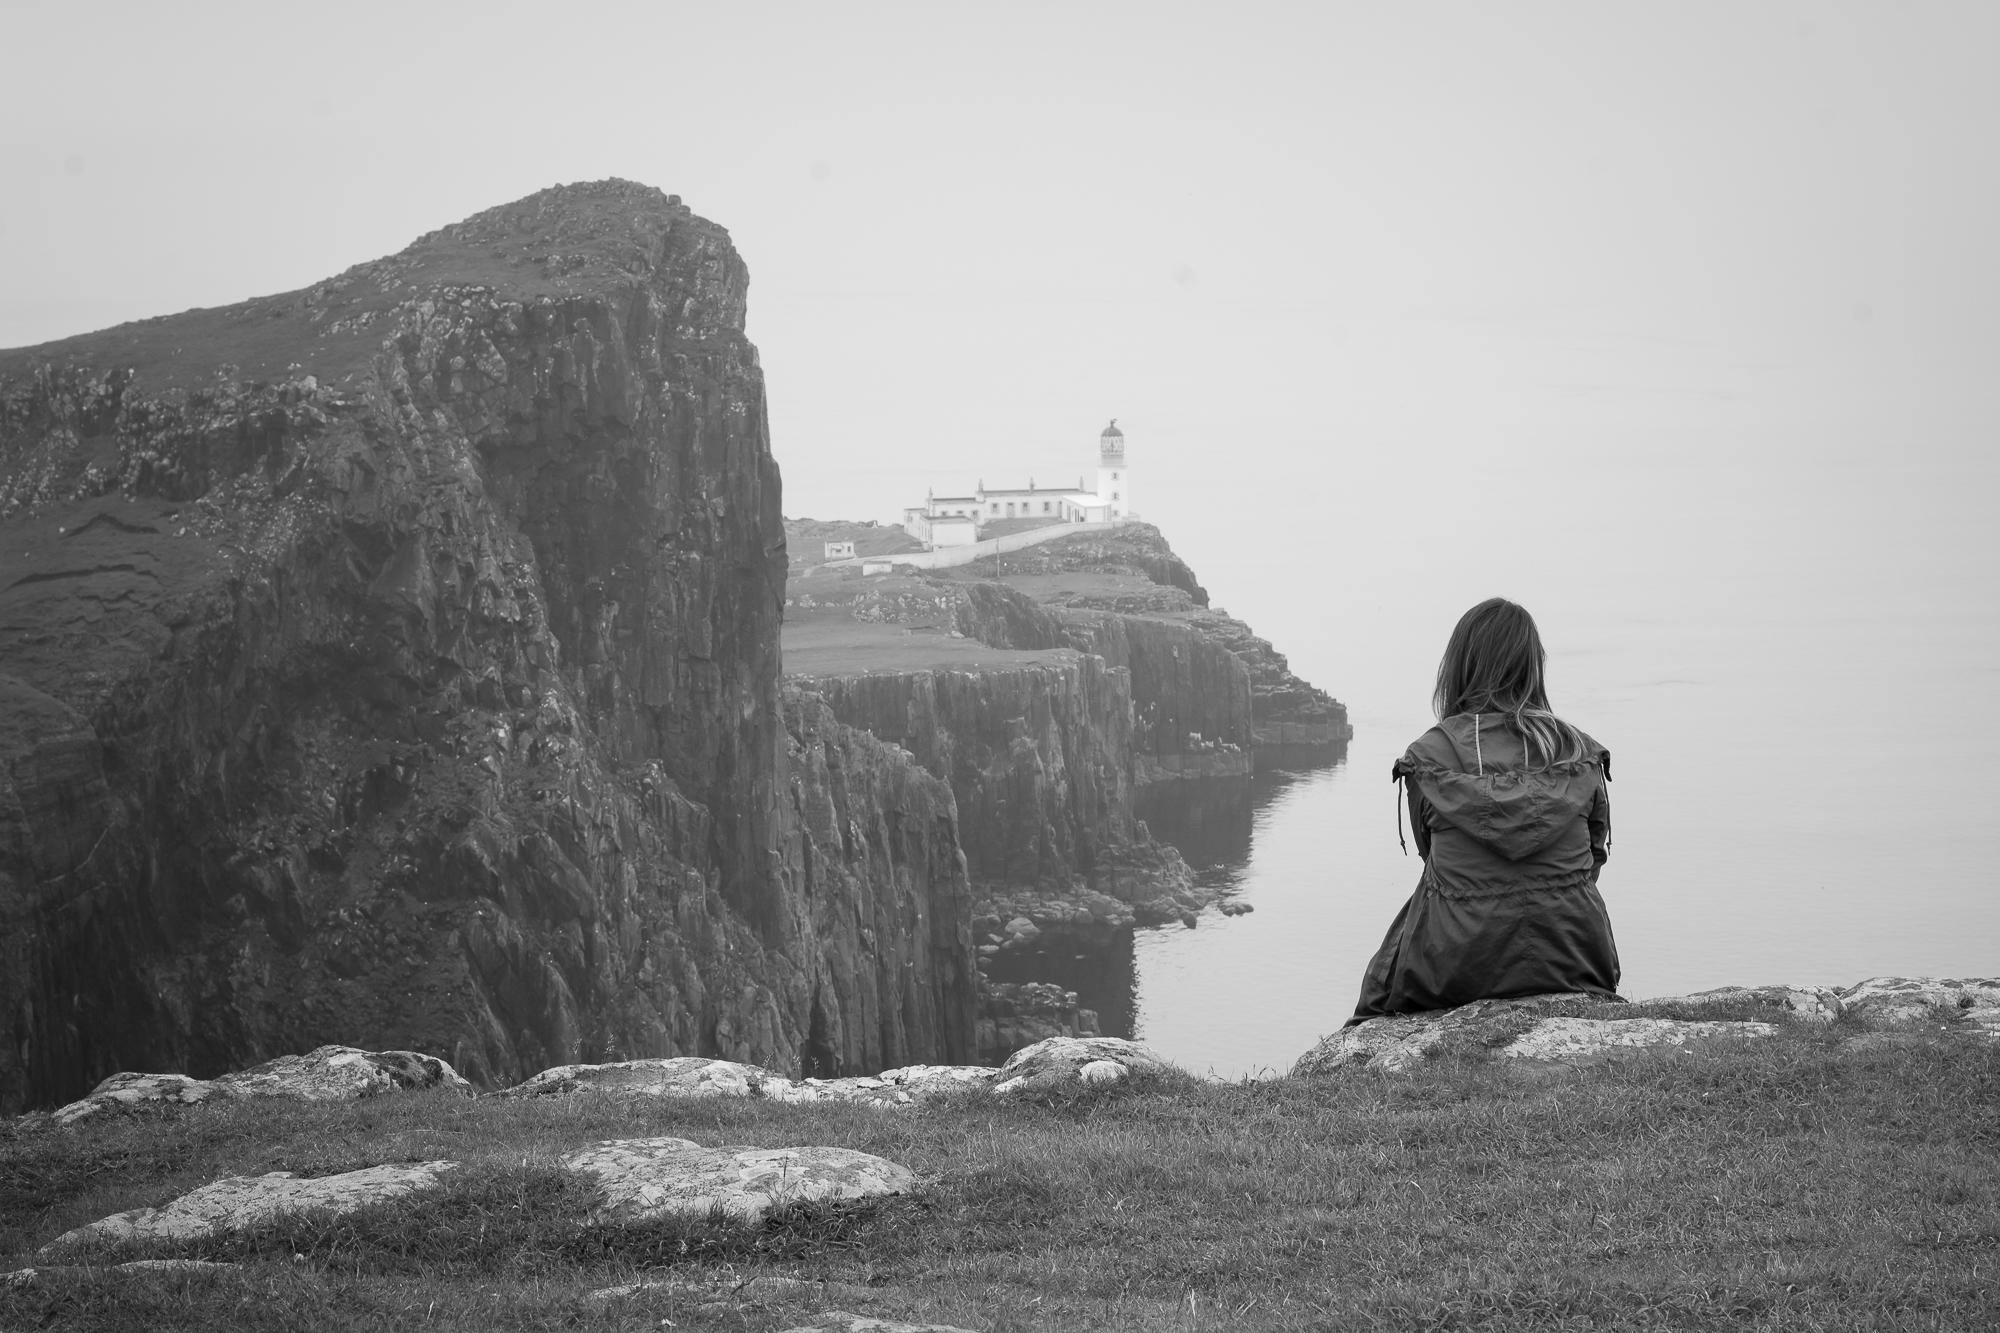 Neist Point Lighthouse, Isle of Skye - Scotland, 2014